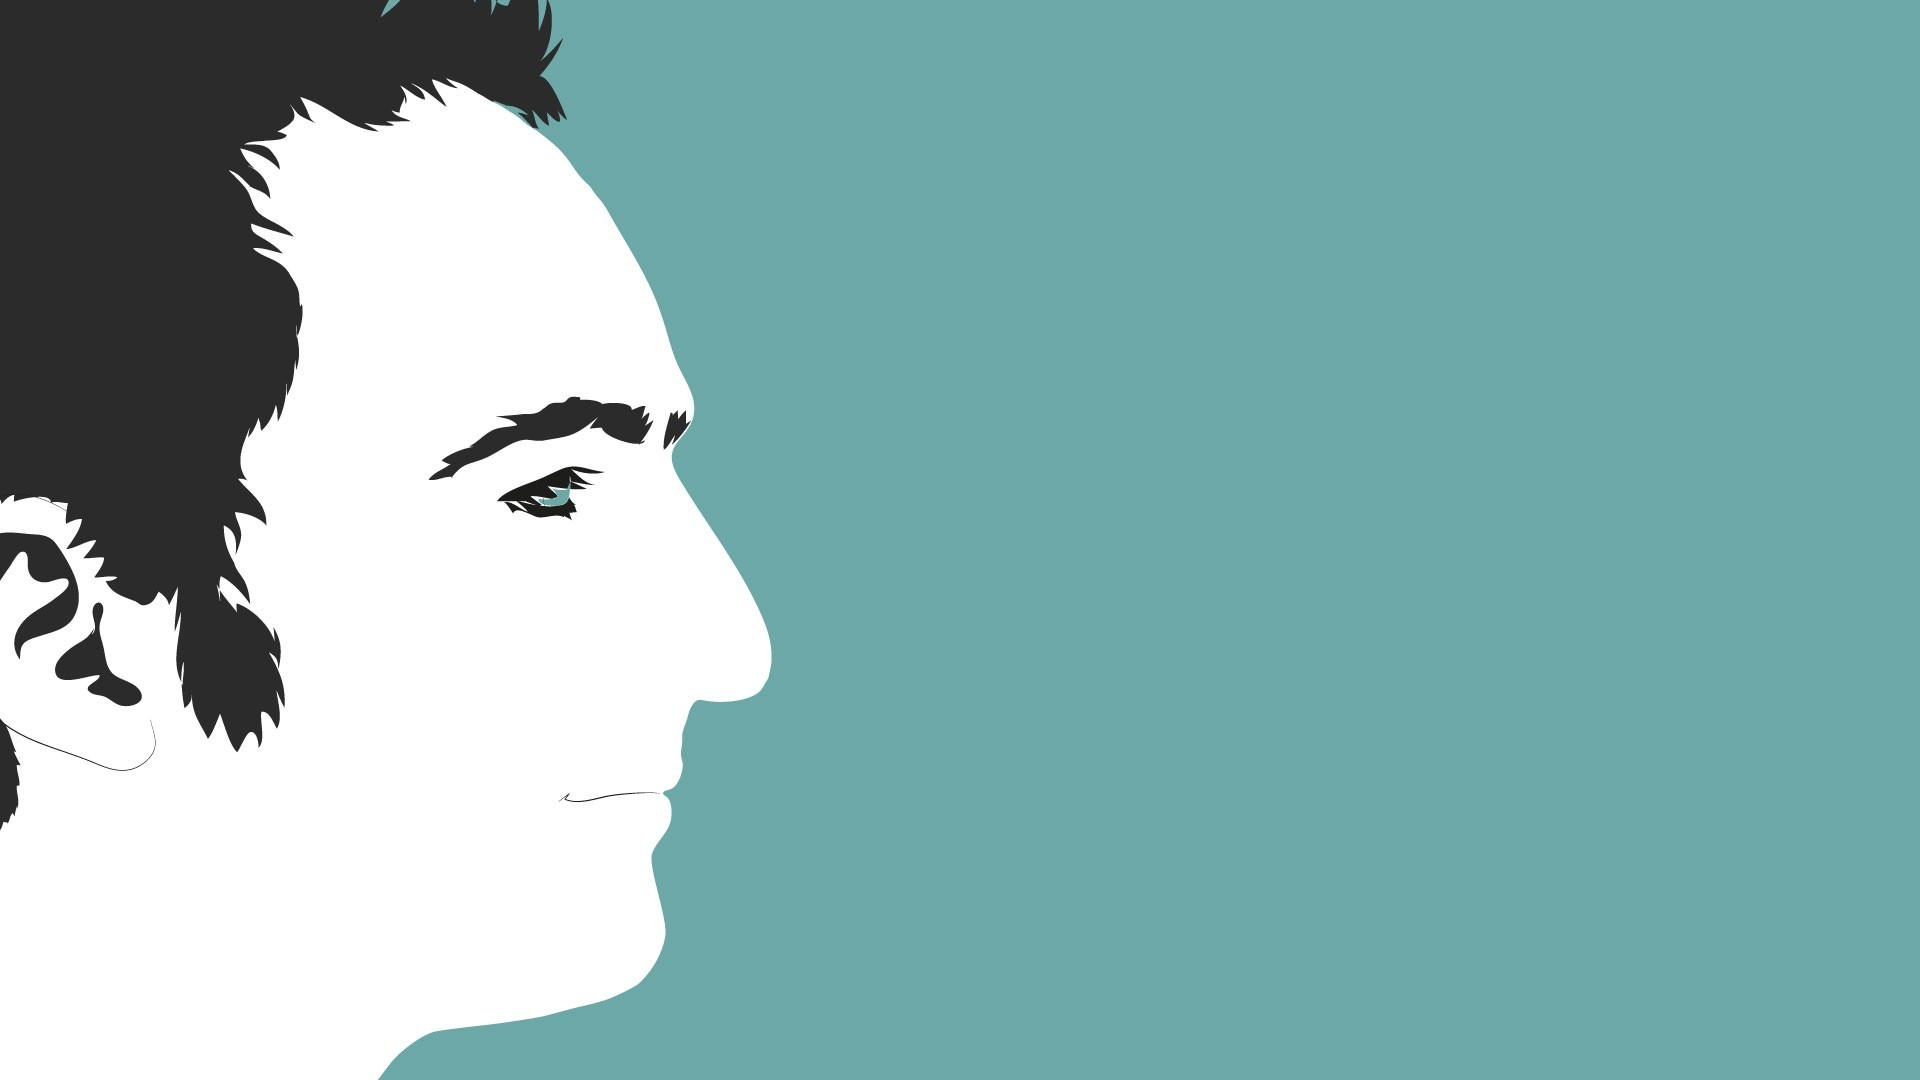 David Ayoun